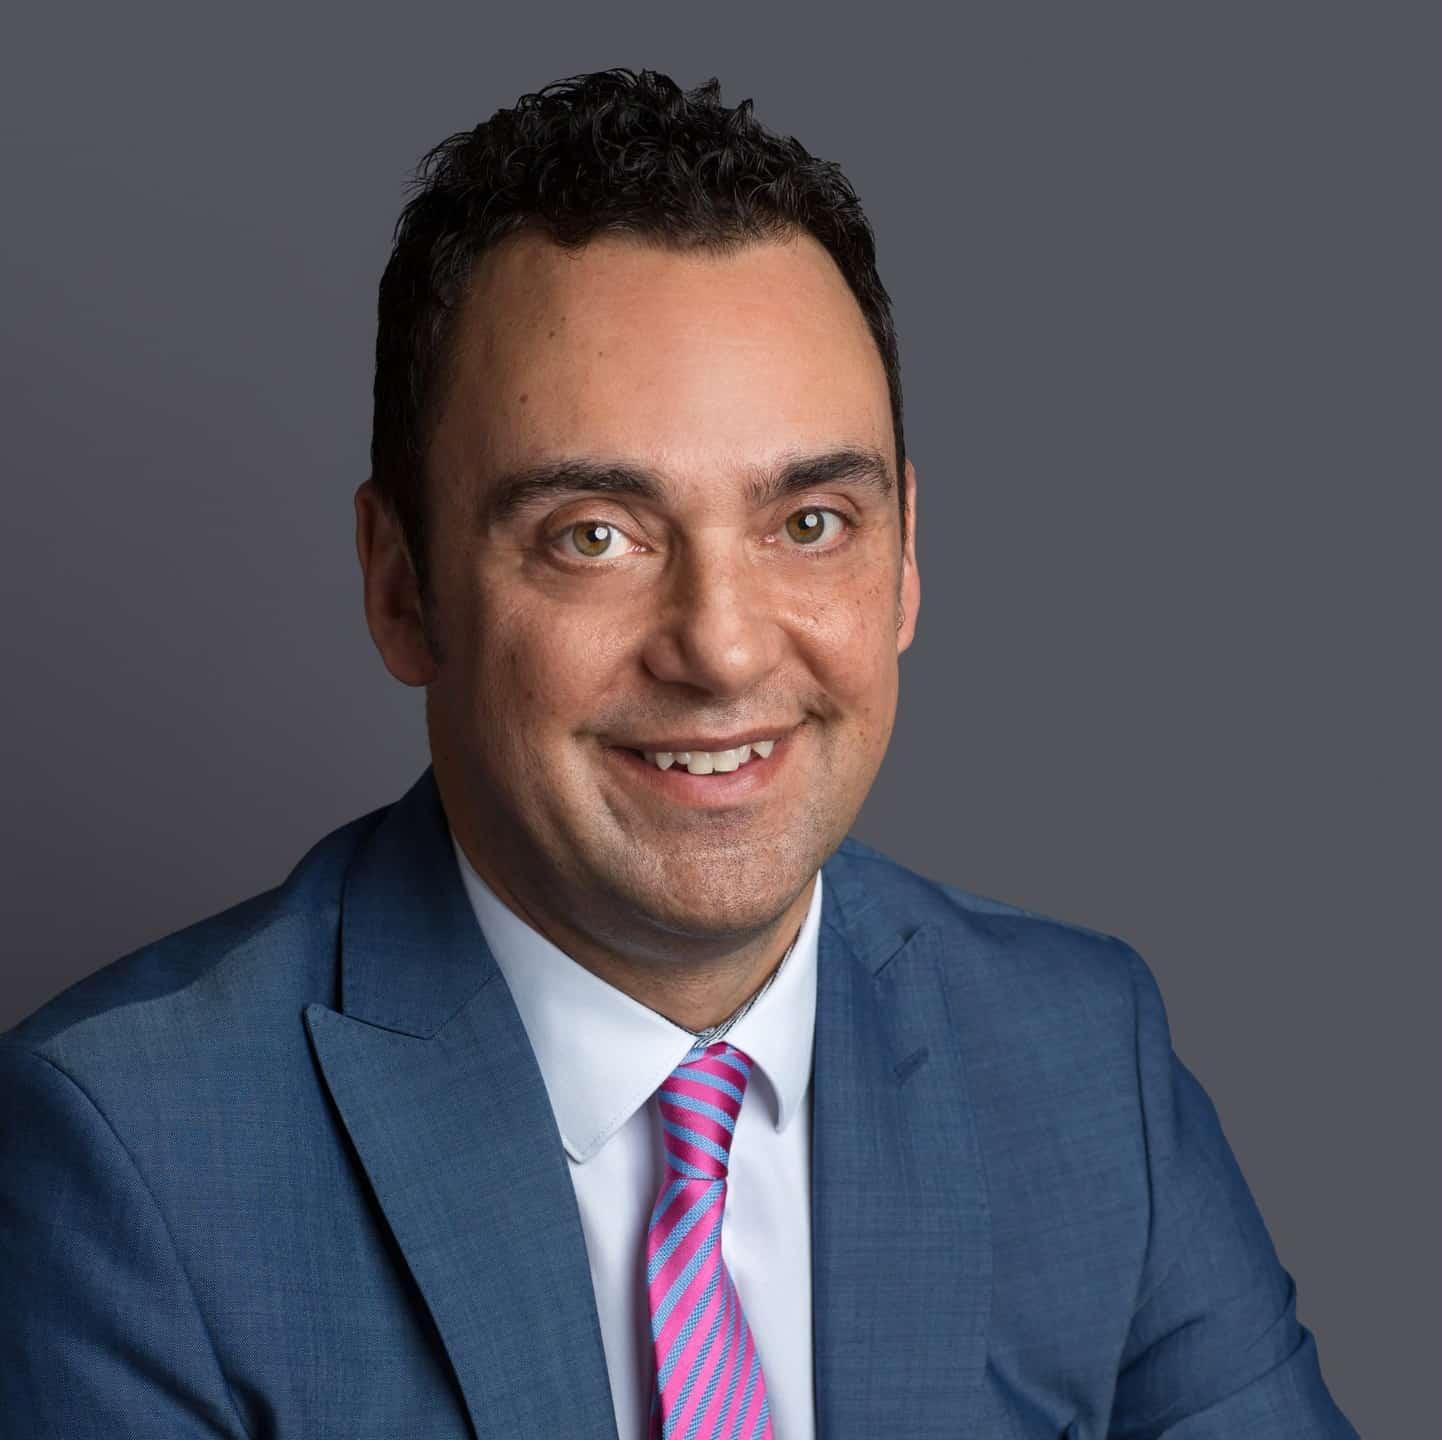 Alec Fry, manager of estate agents Brockenhurst office for Spencers New Forest.